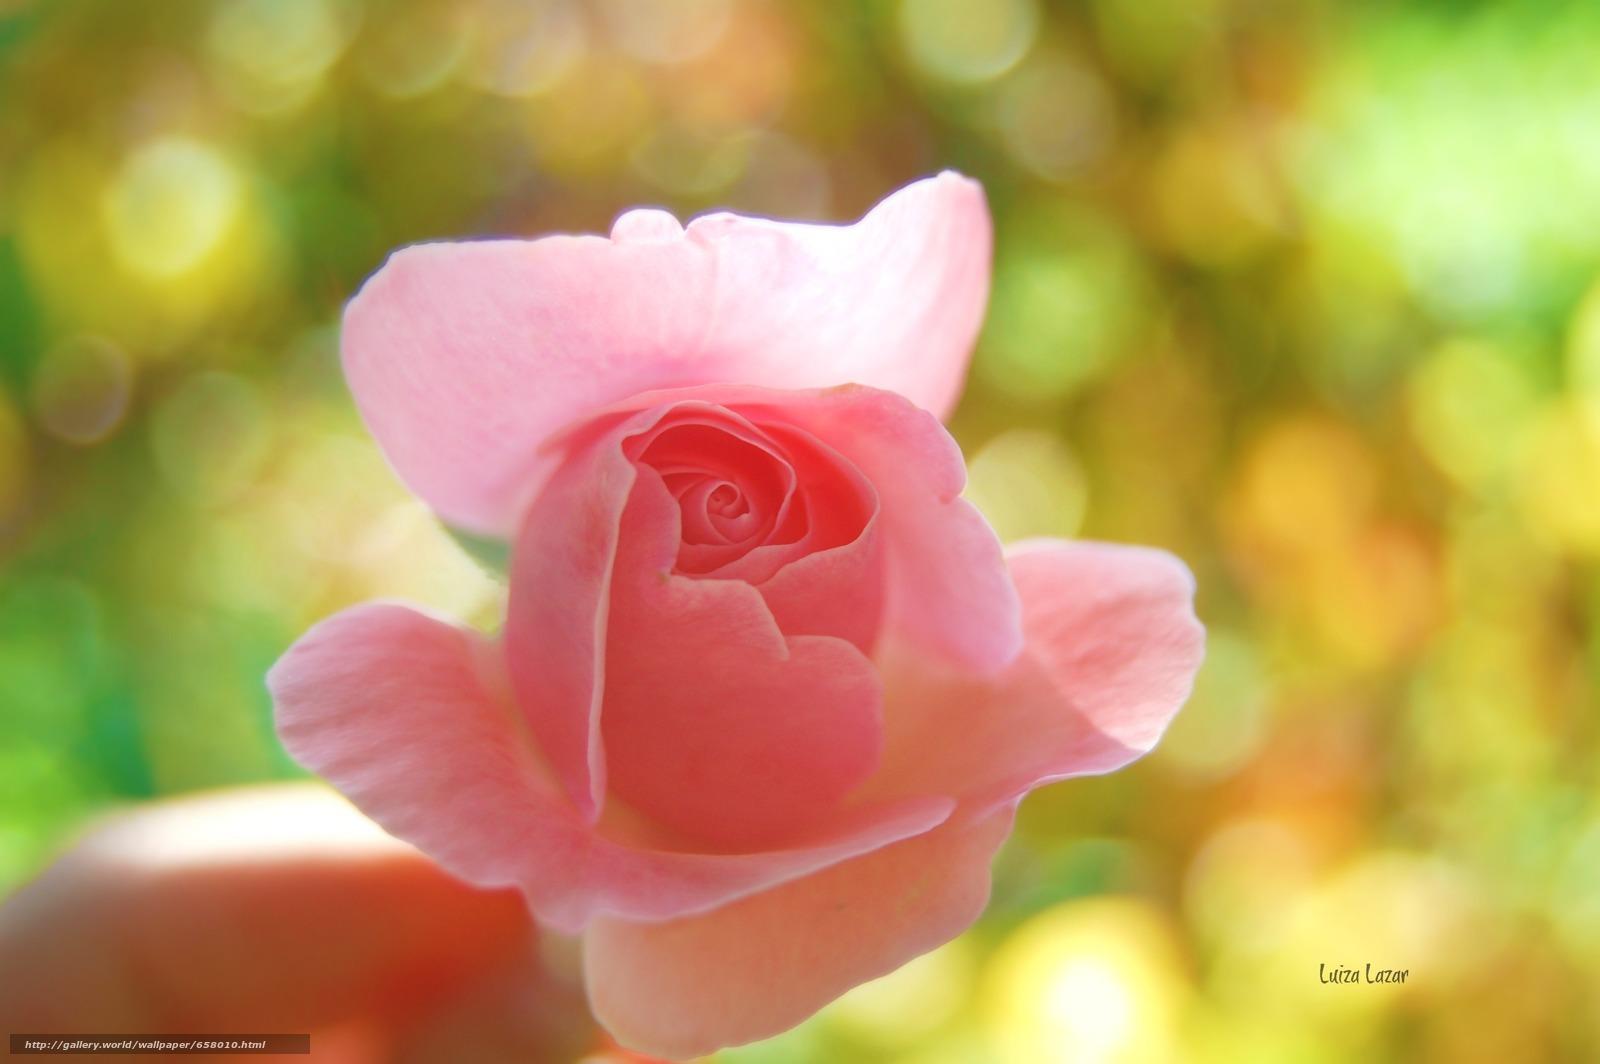 壁紙をダウンロード フラワーズ,  花,  ローズ,  バラ デスクトップの解像度のための無料壁紙 3008x2000 — 絵 №658010